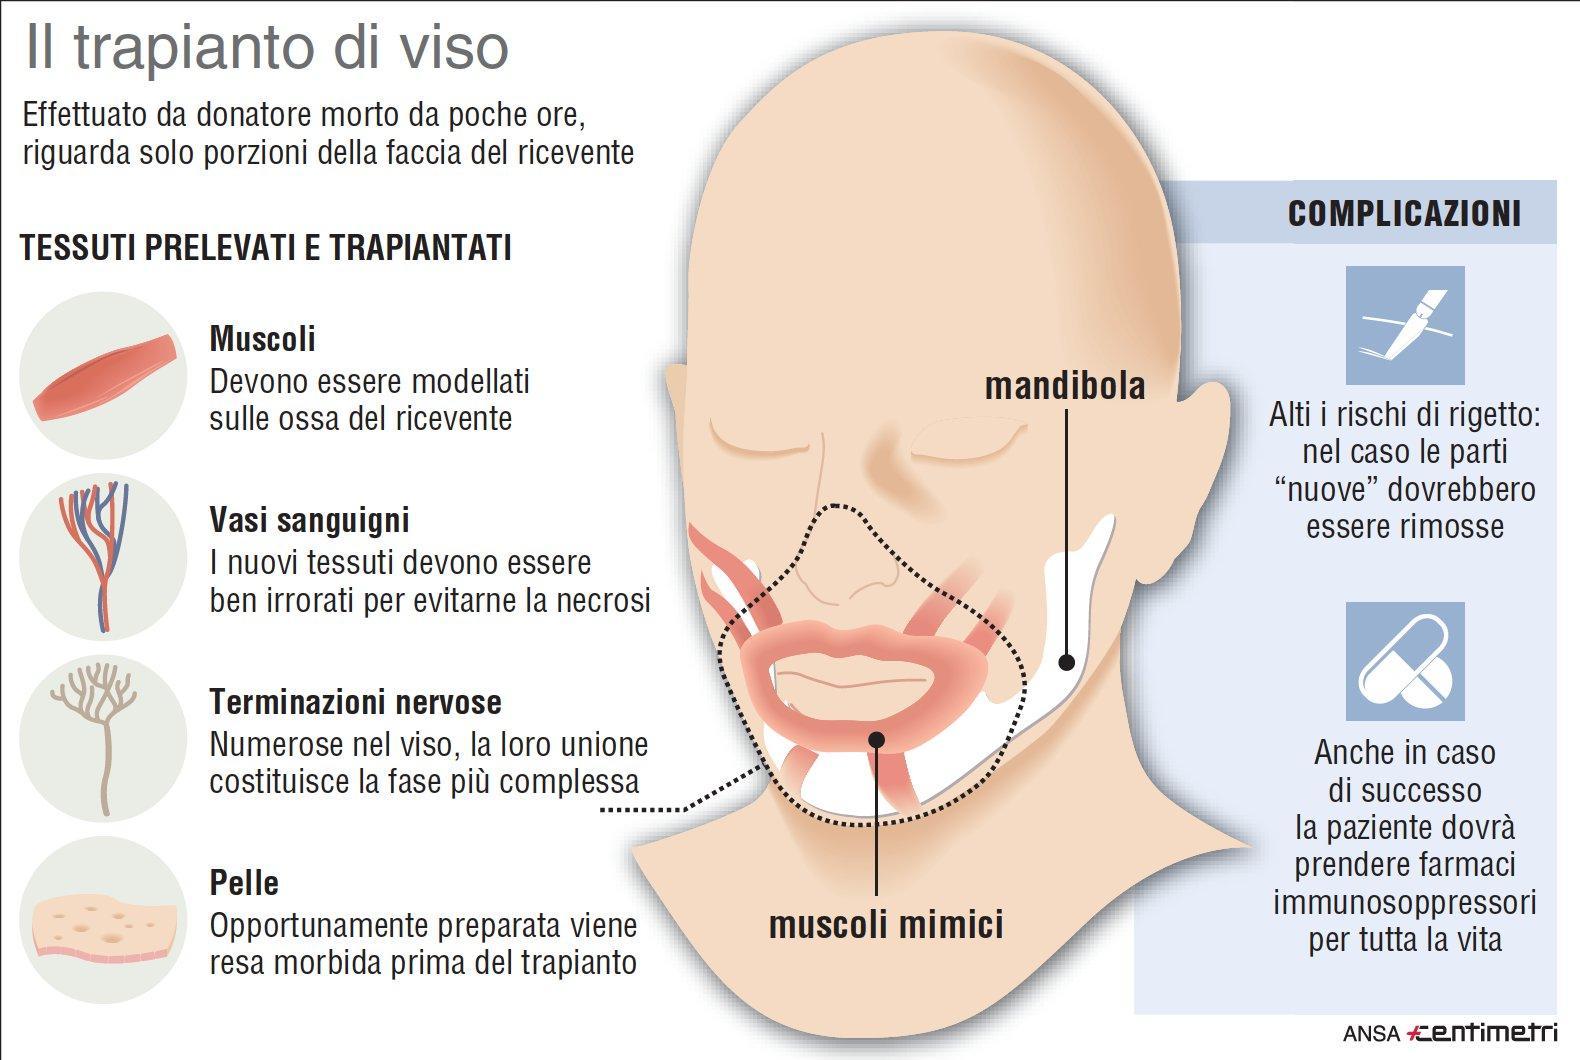 Trapianto viso, quali tessuti possono essere prelevati